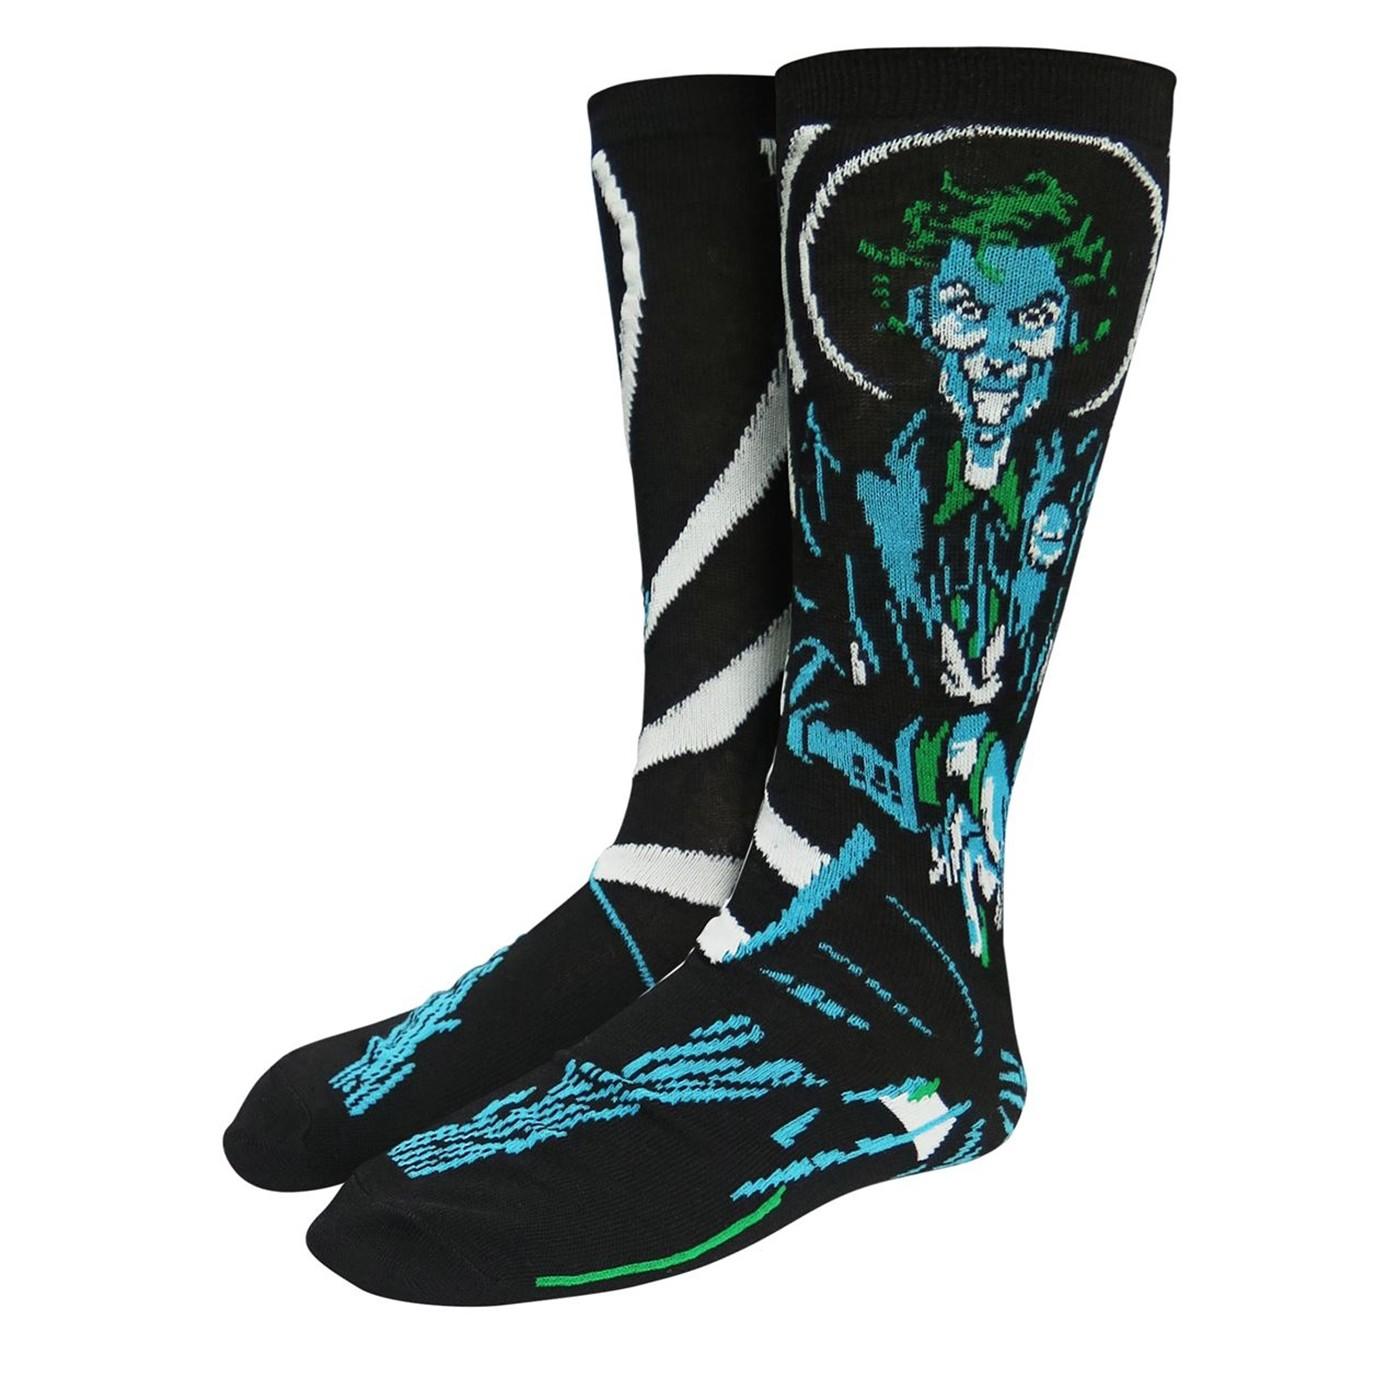 The Joker Clown Prince of Crime Crew Socks 2-Pack